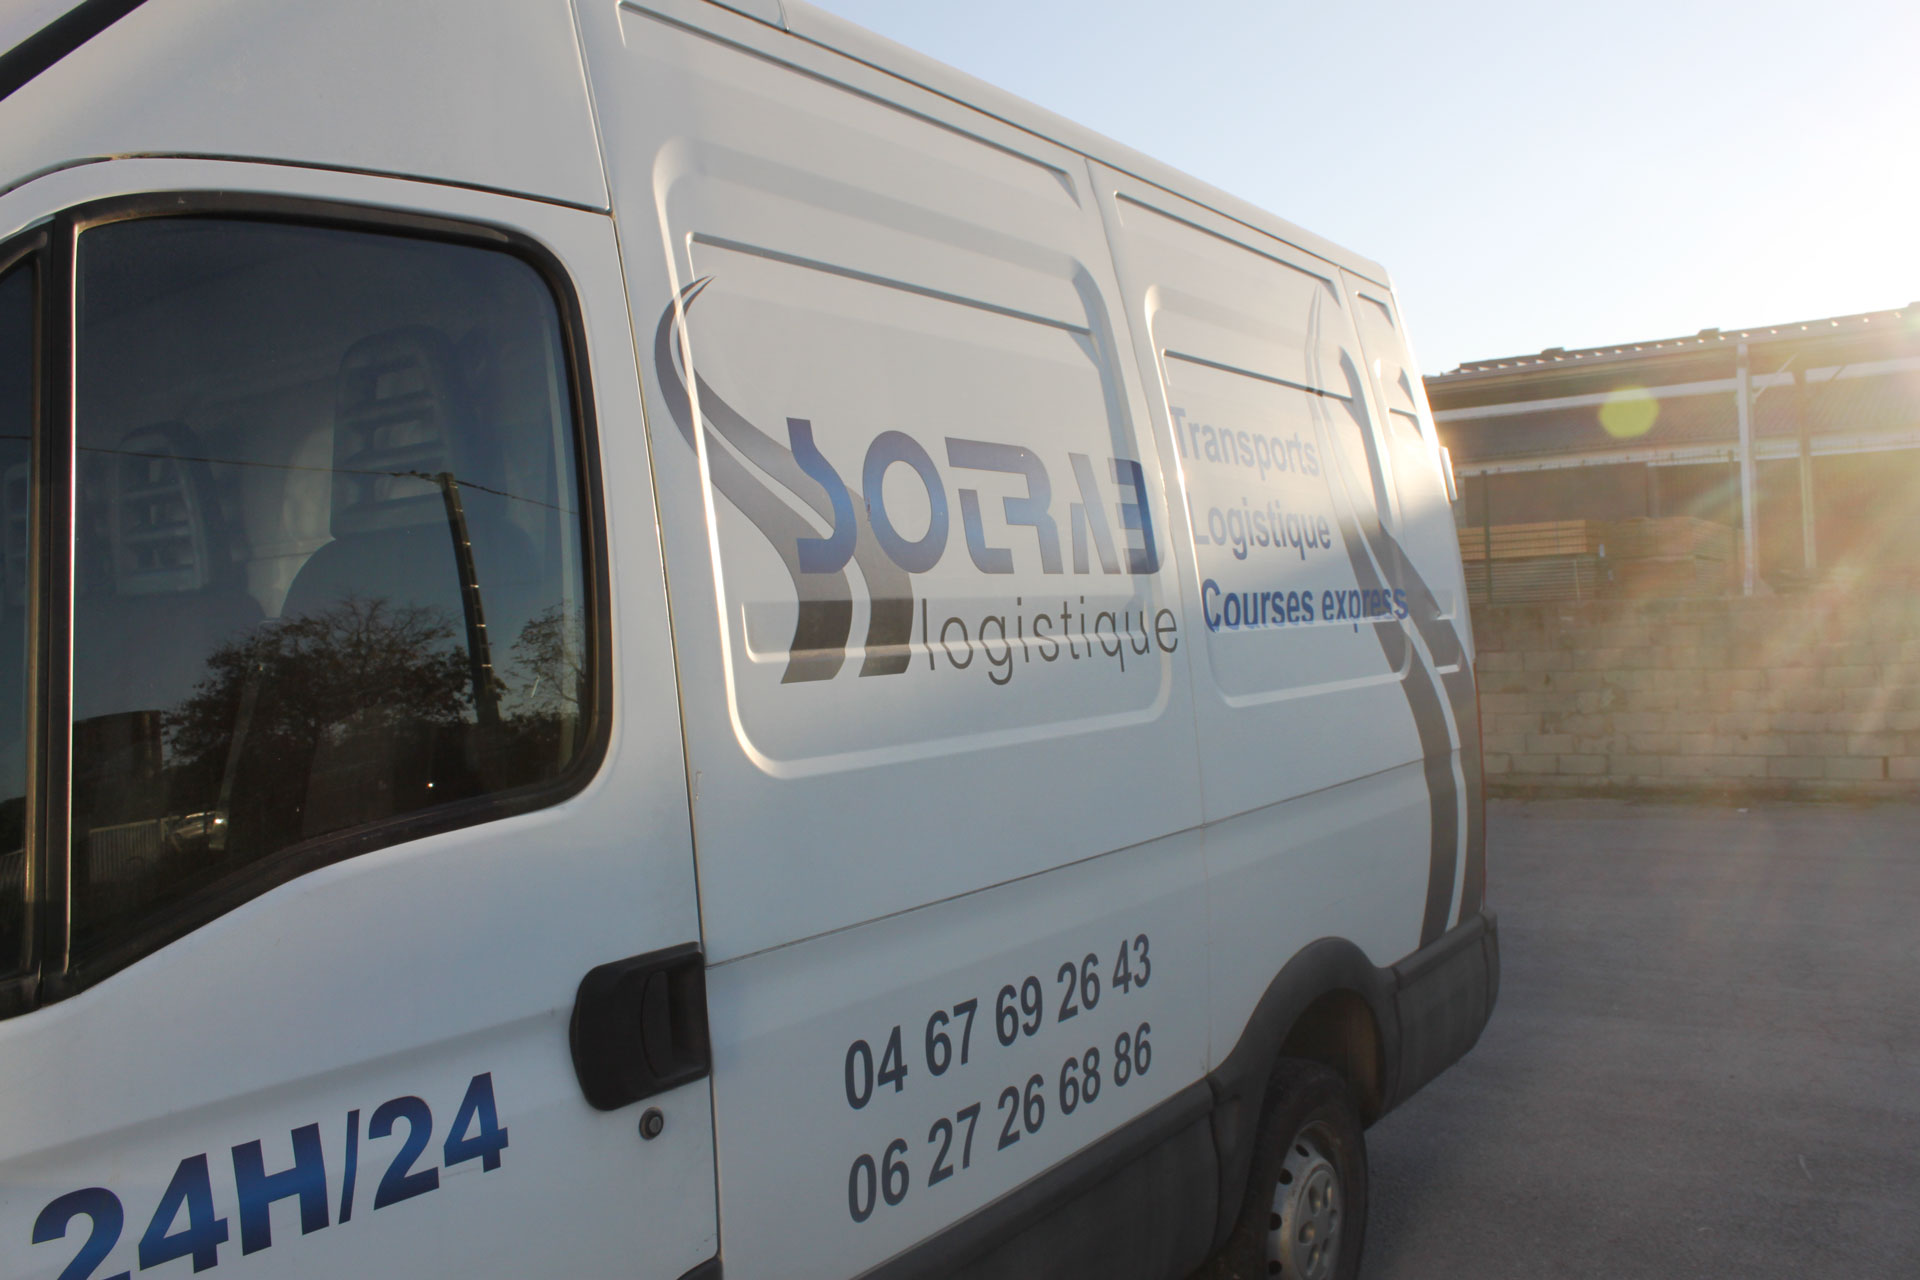 Transport de marchandises - Affrètement - Messagerie : SOTRAB à Saint-Jean-de-Védas